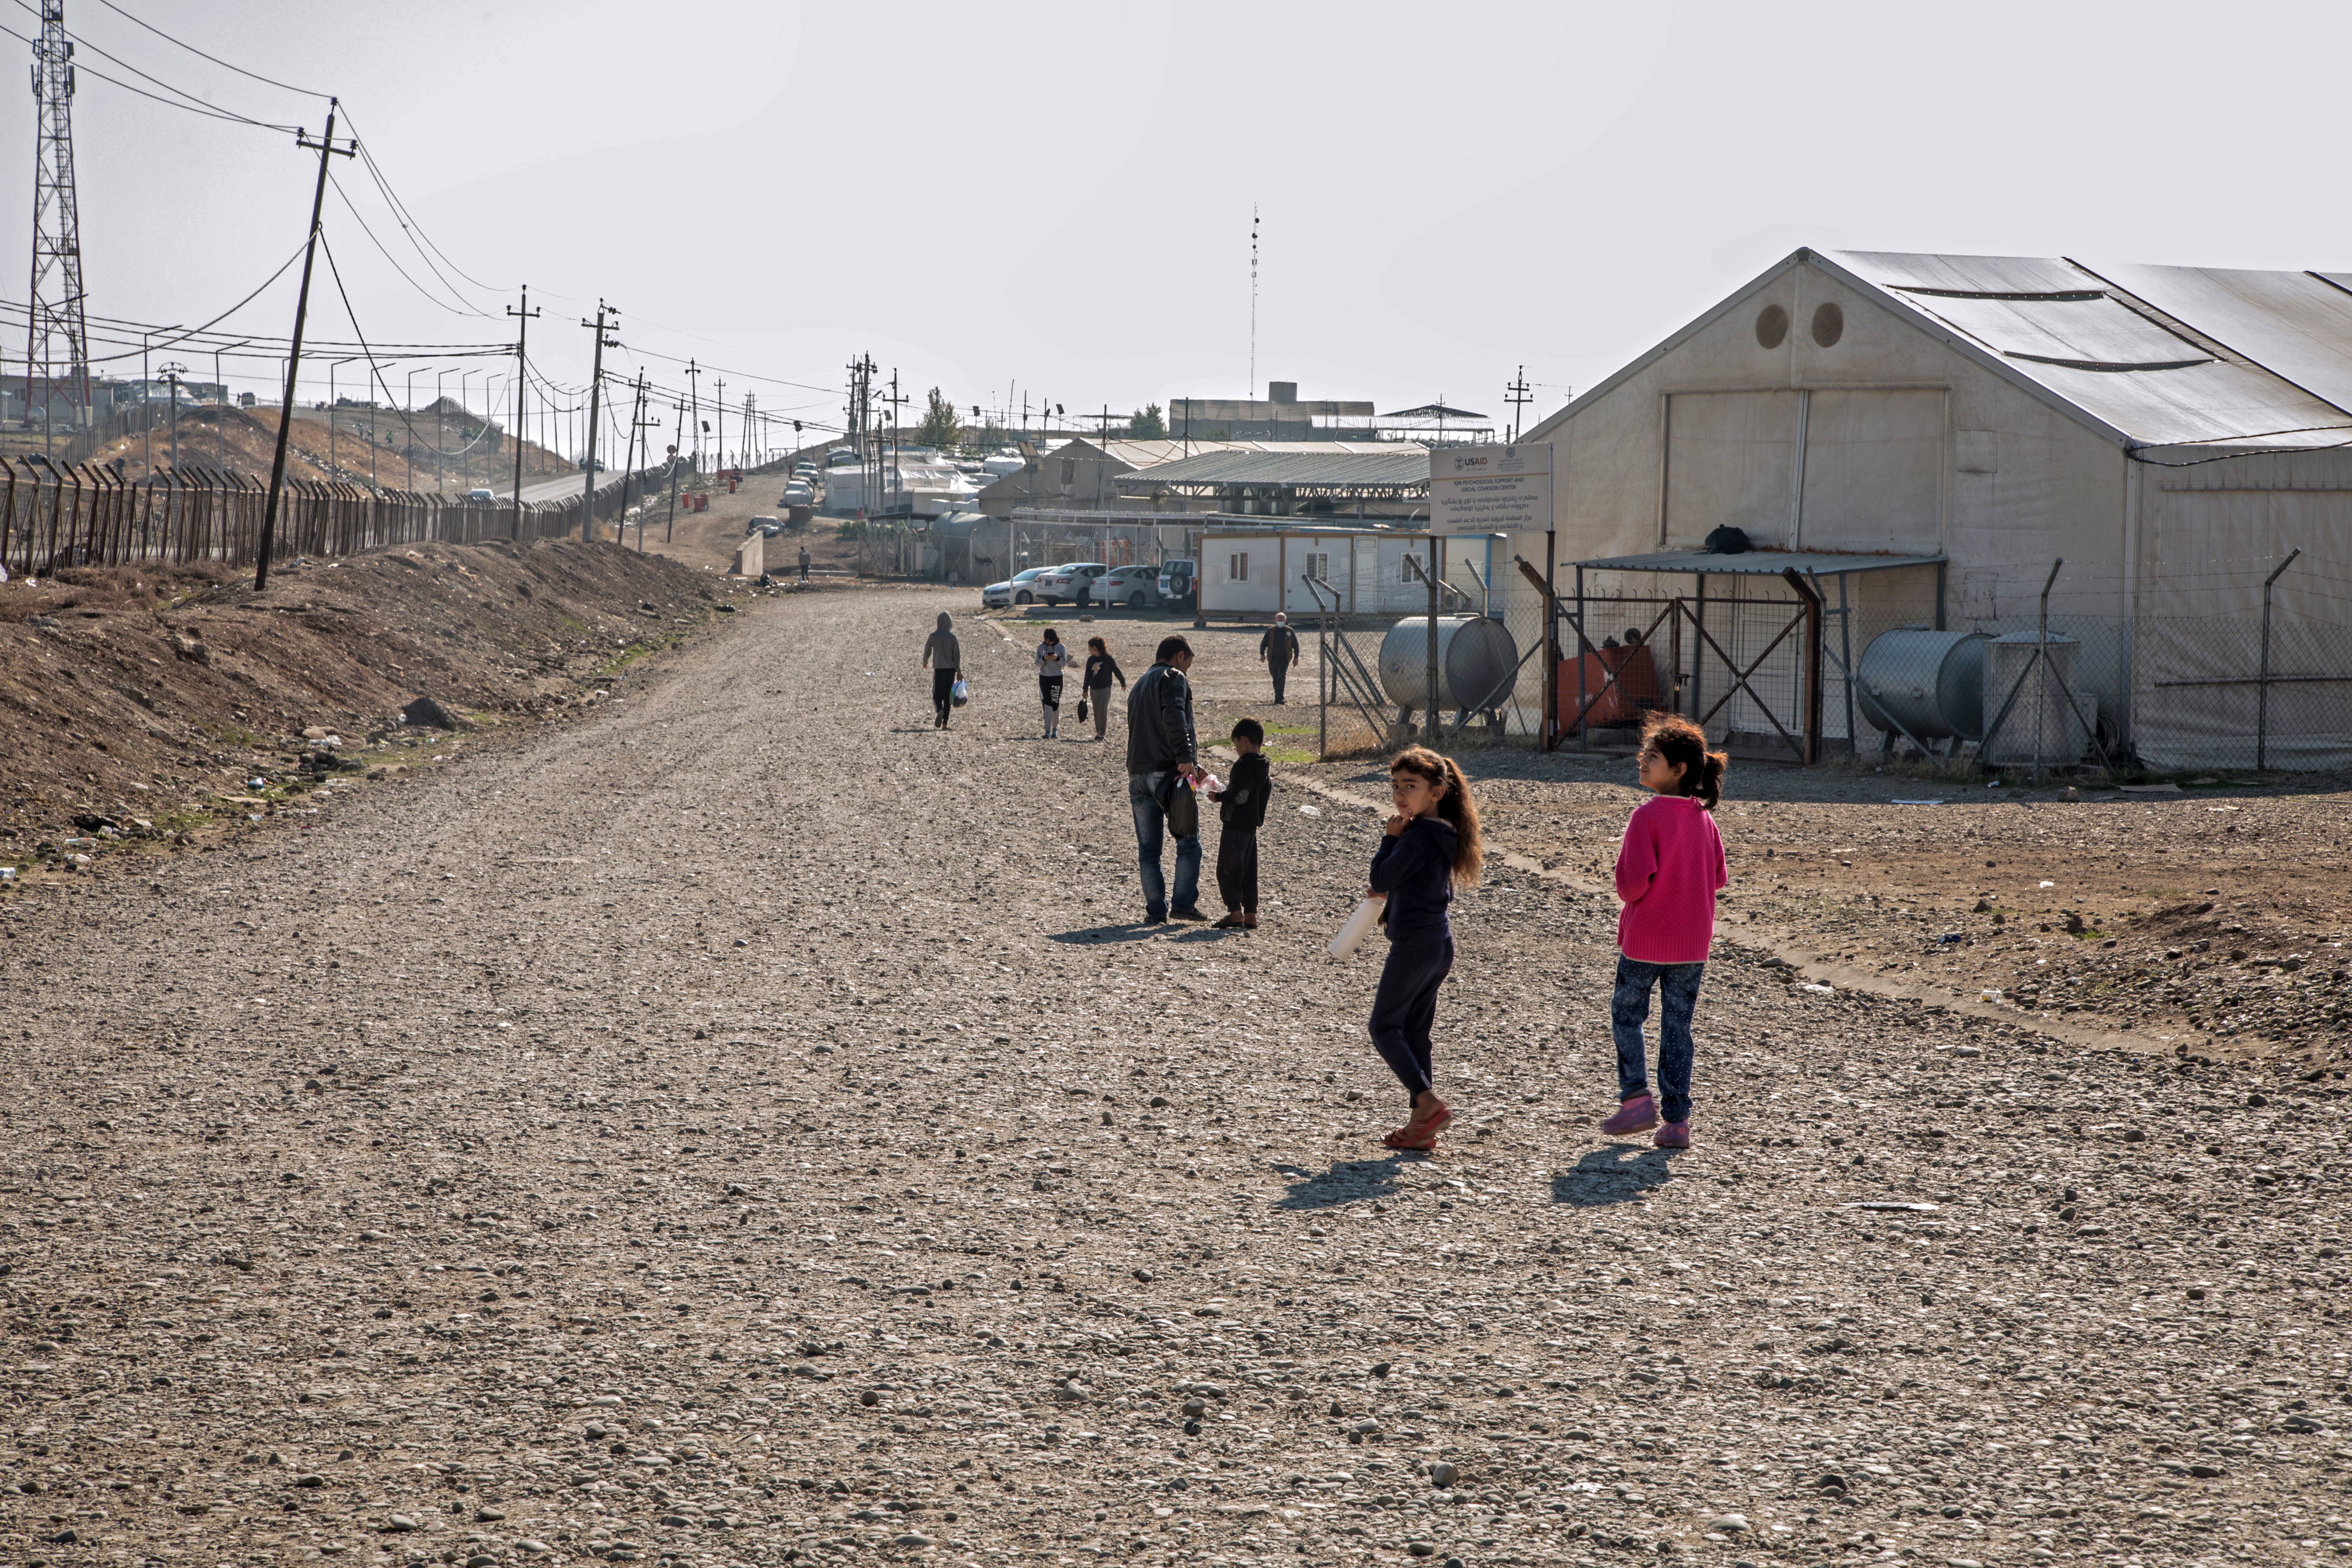 مخيم- العراق